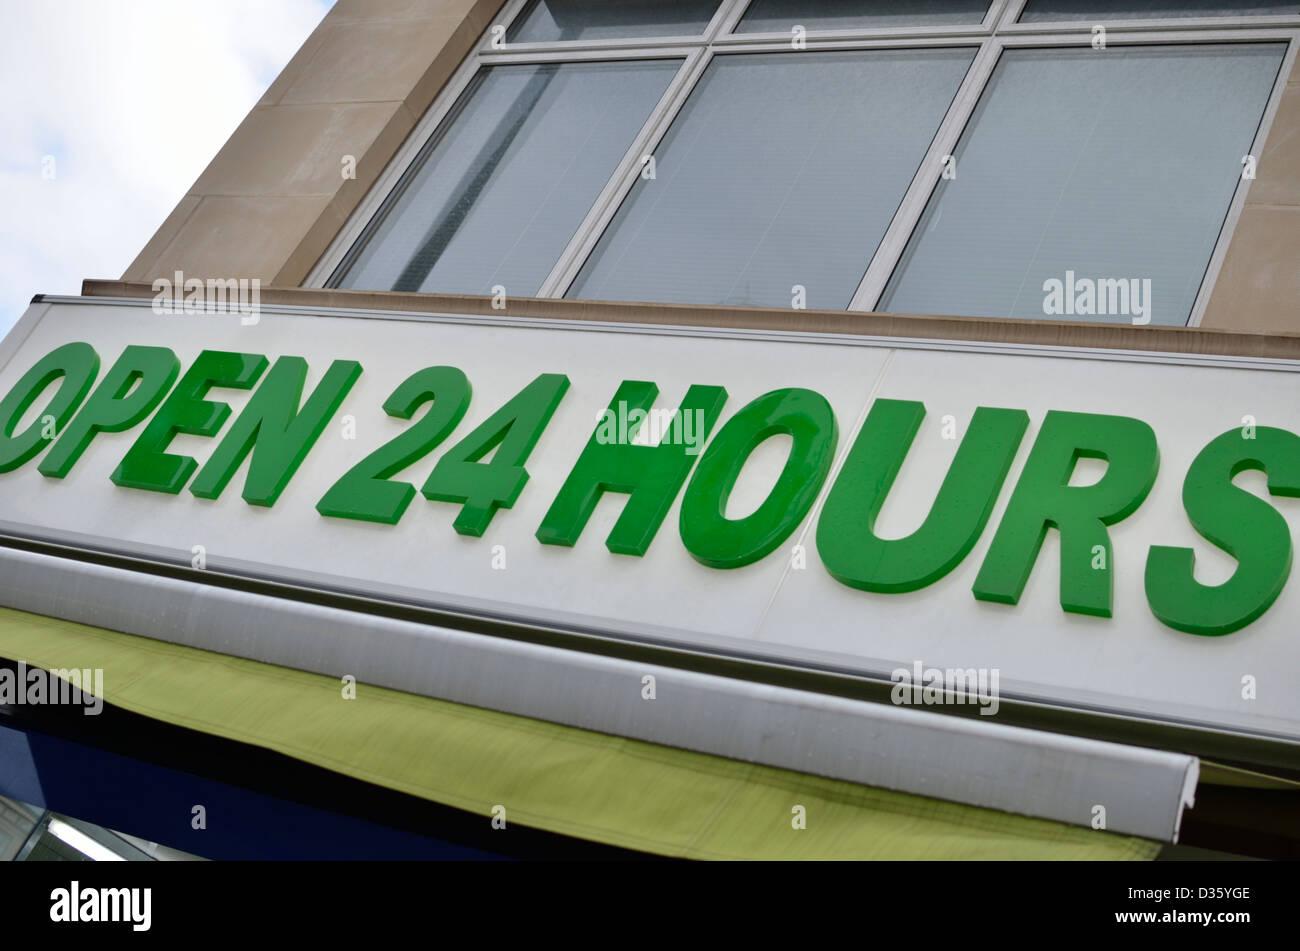 Restaurants Italian Near Me: Food Open 24 Hours